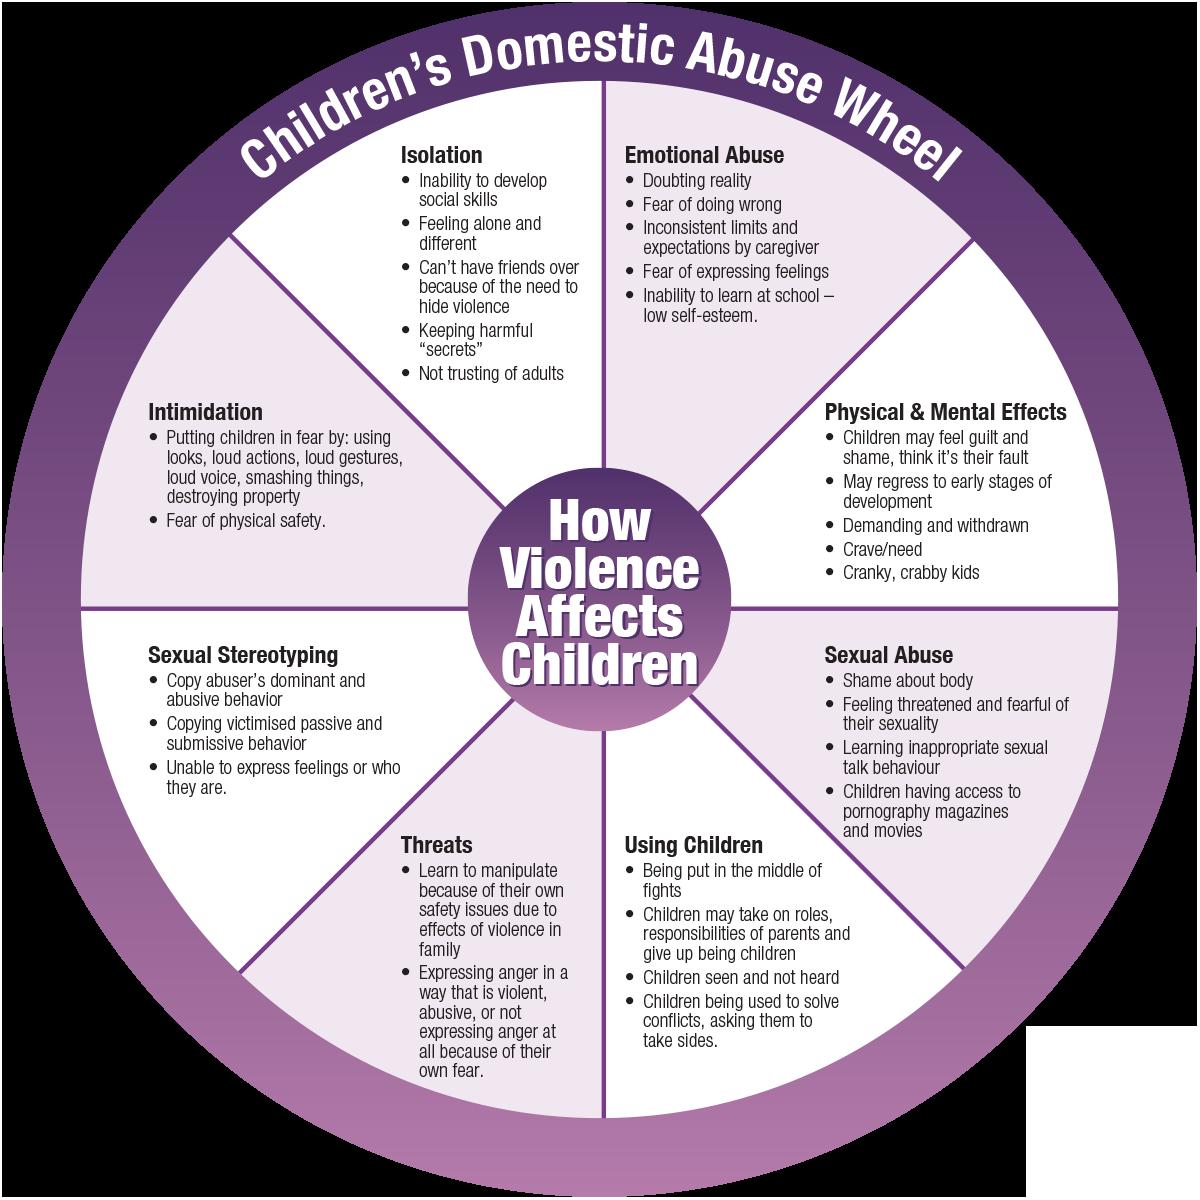 Children's domestic abuse wheel